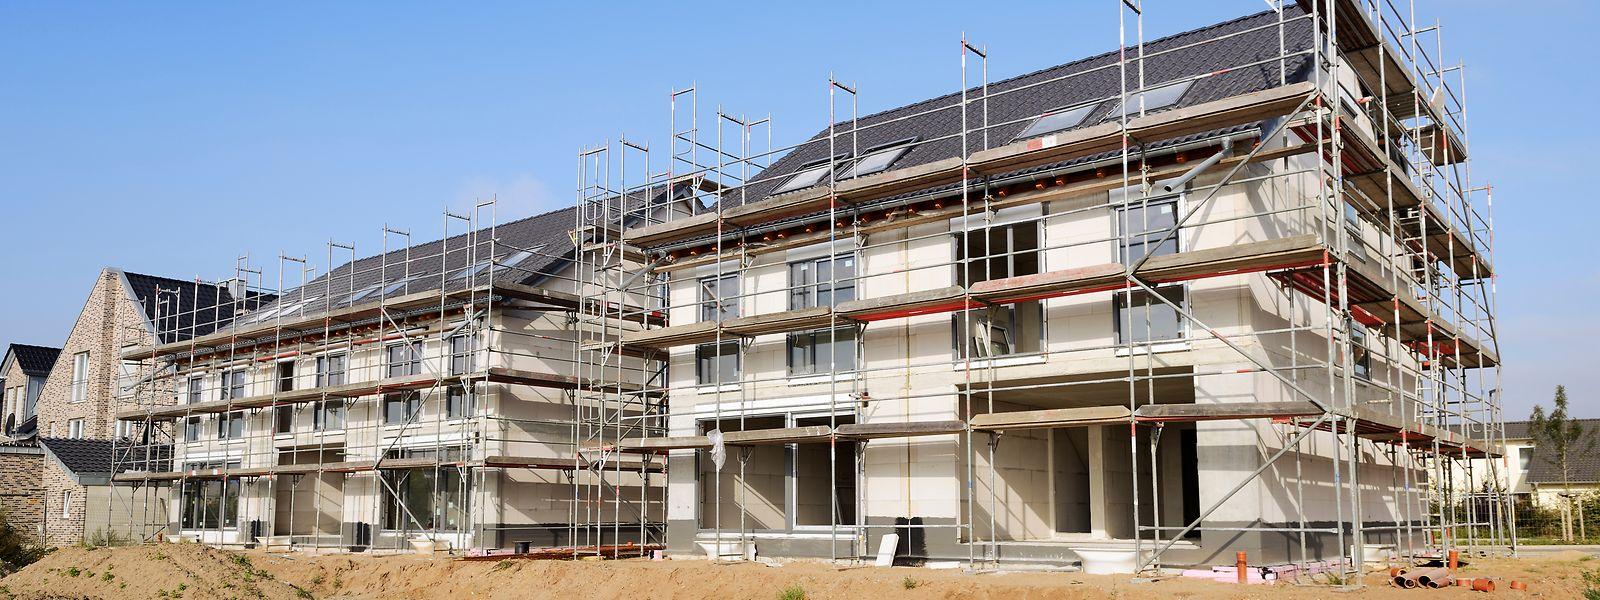 Selon Marc Lies (CSV), ce ne sont pas 96 millions d'euros qu'il faut investir dans la construction de logement abordable, mais le double.